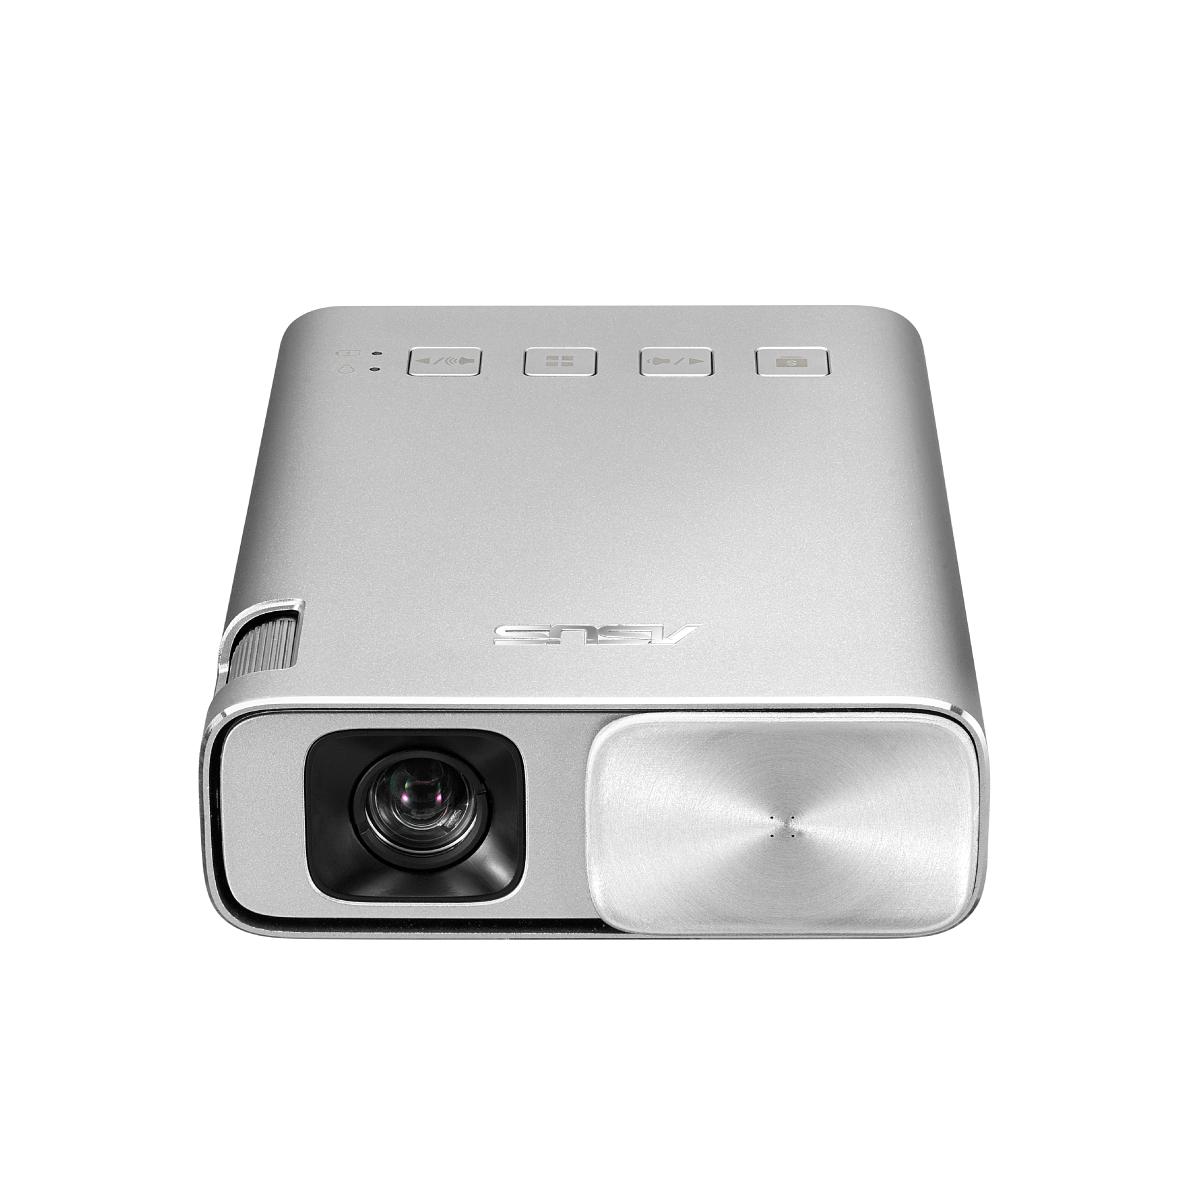 ASUS ZenBeam E1 Projector